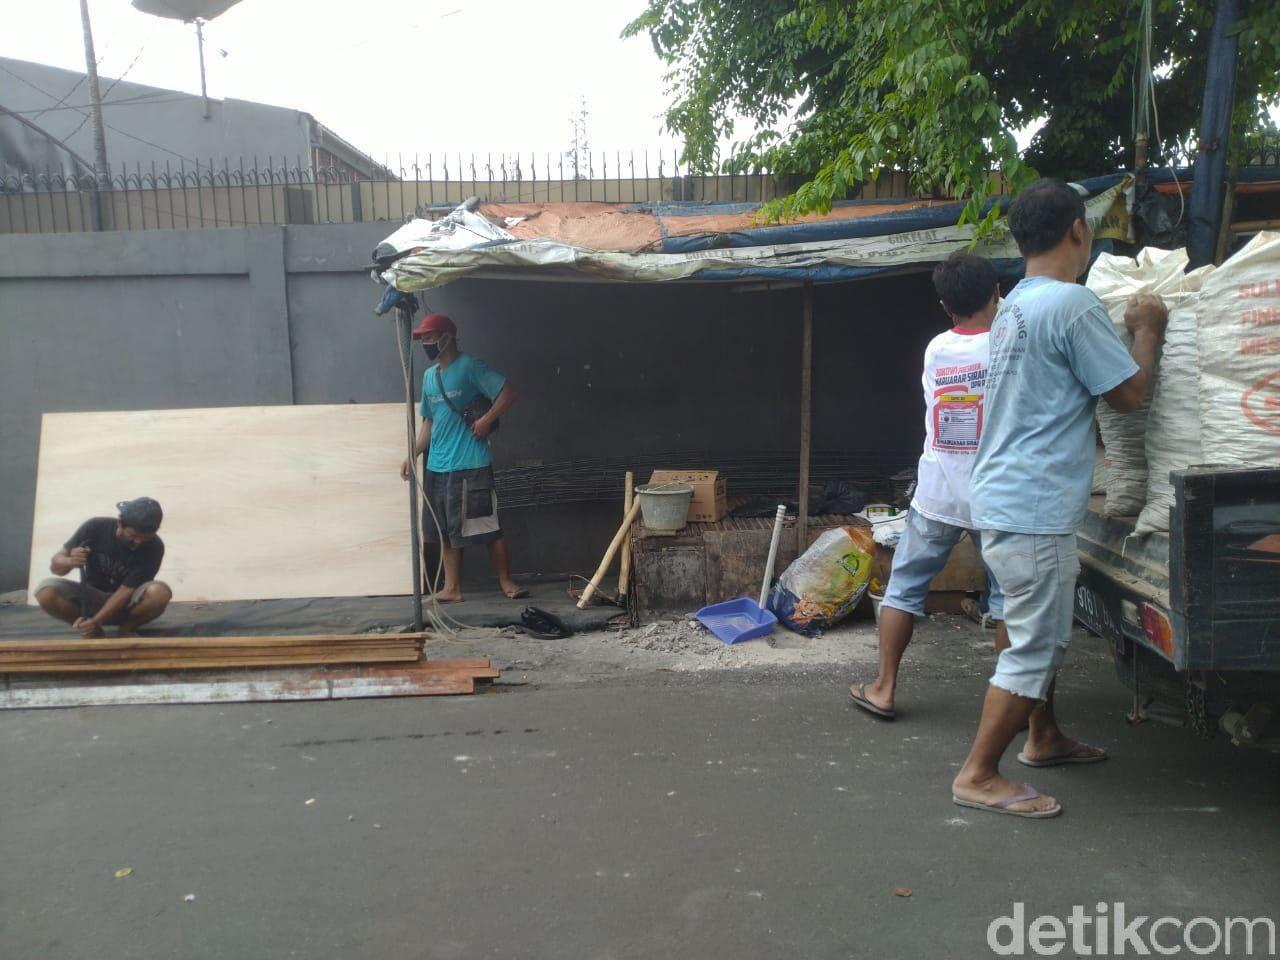 Pos Keamanan 3 Pilar akan dibangun di dekat eks markas FPI di Petamburan, Jakarta. (Foto: Tim detikcom)